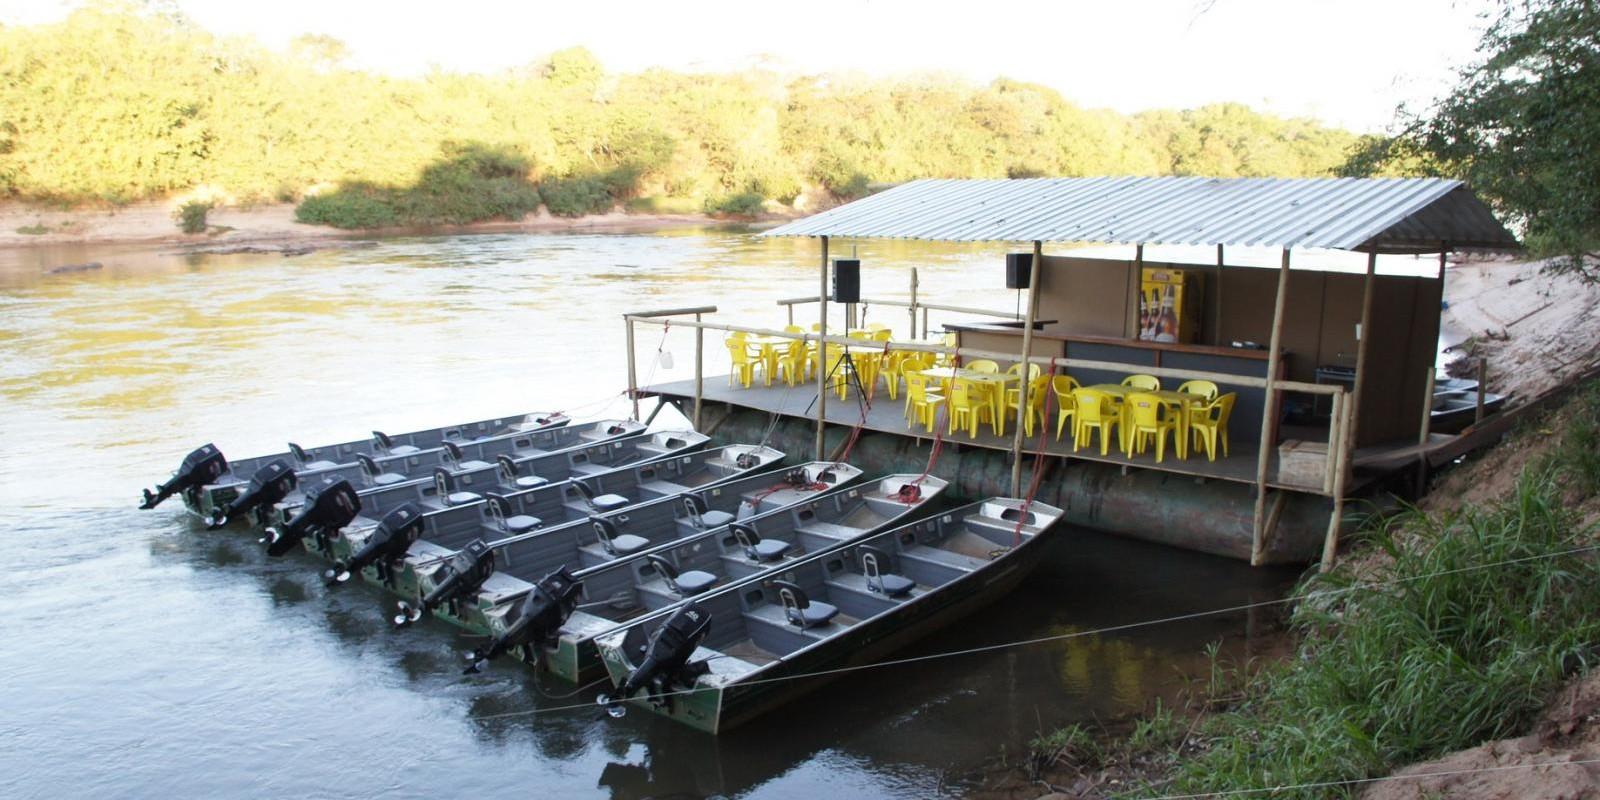 POUSADA NASCENTE DO ARAGUAIA / TORIXAREU  - Foto 10 de 12